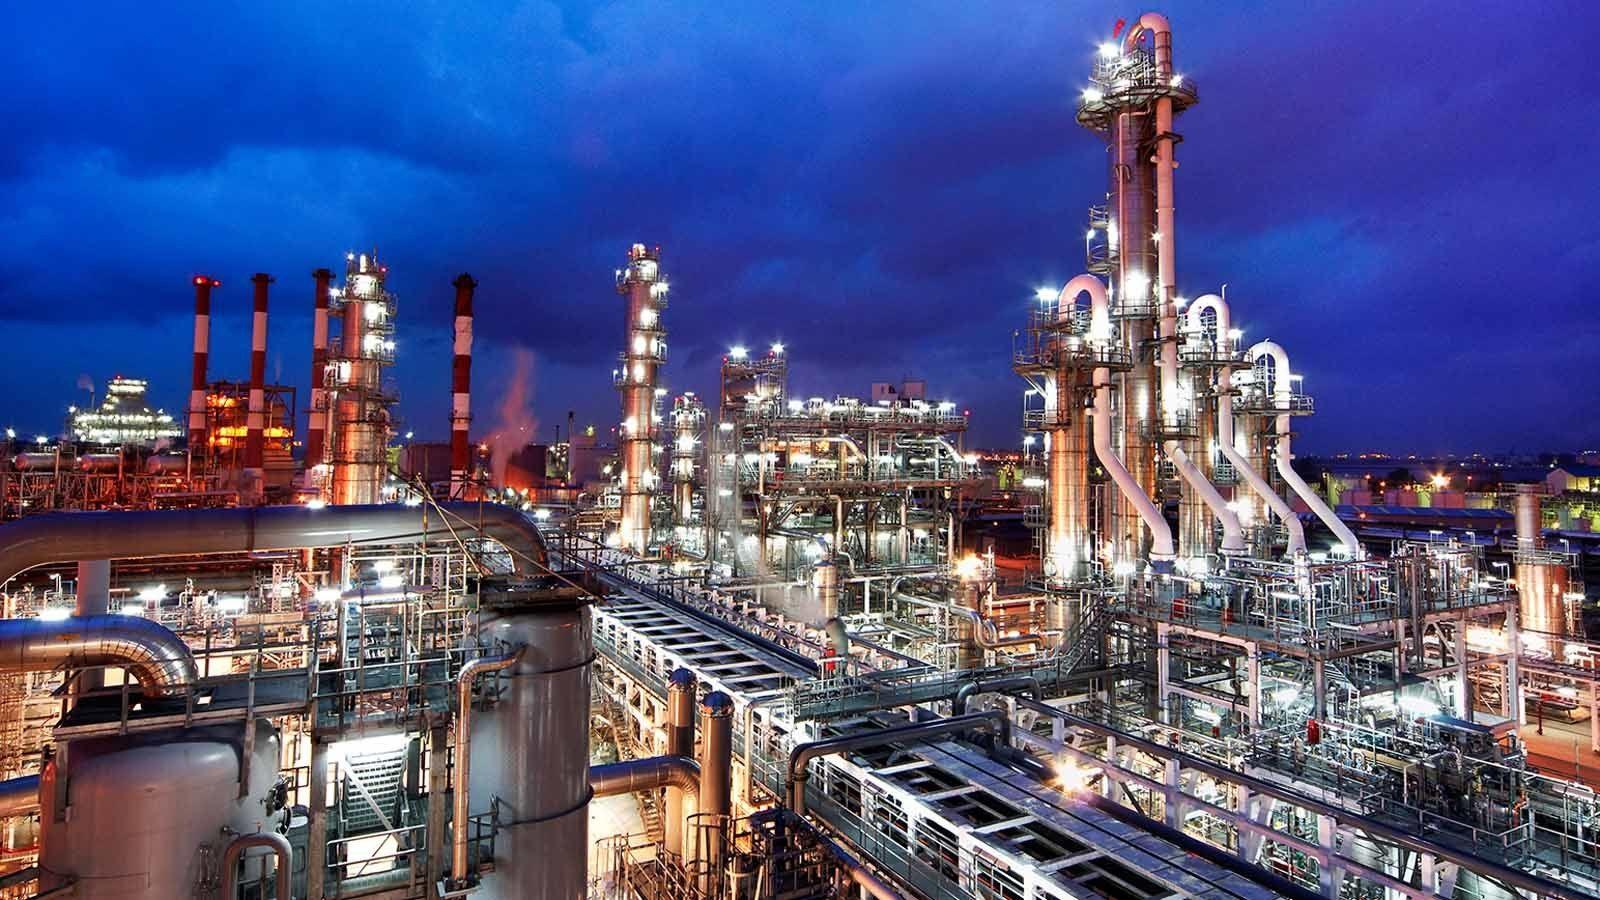 三菱ケミカル、ついに動く「最強工場」の実力